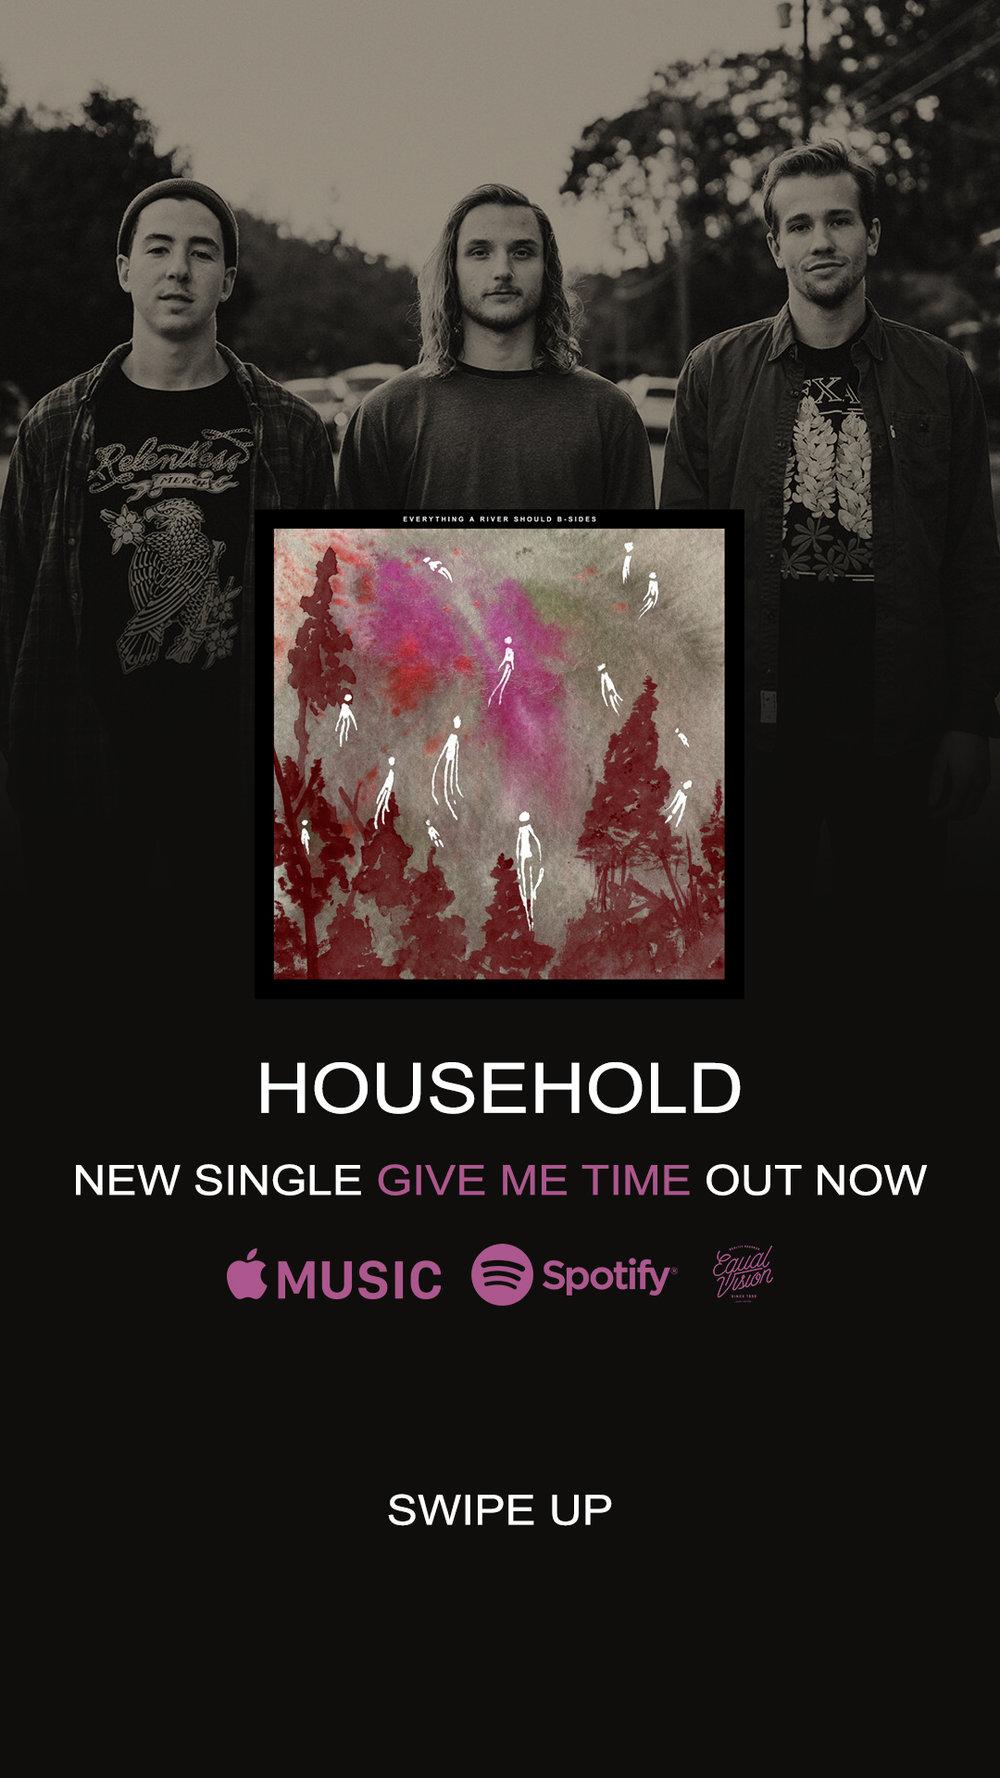 Household_GiveMeTime_IGStory.jpg